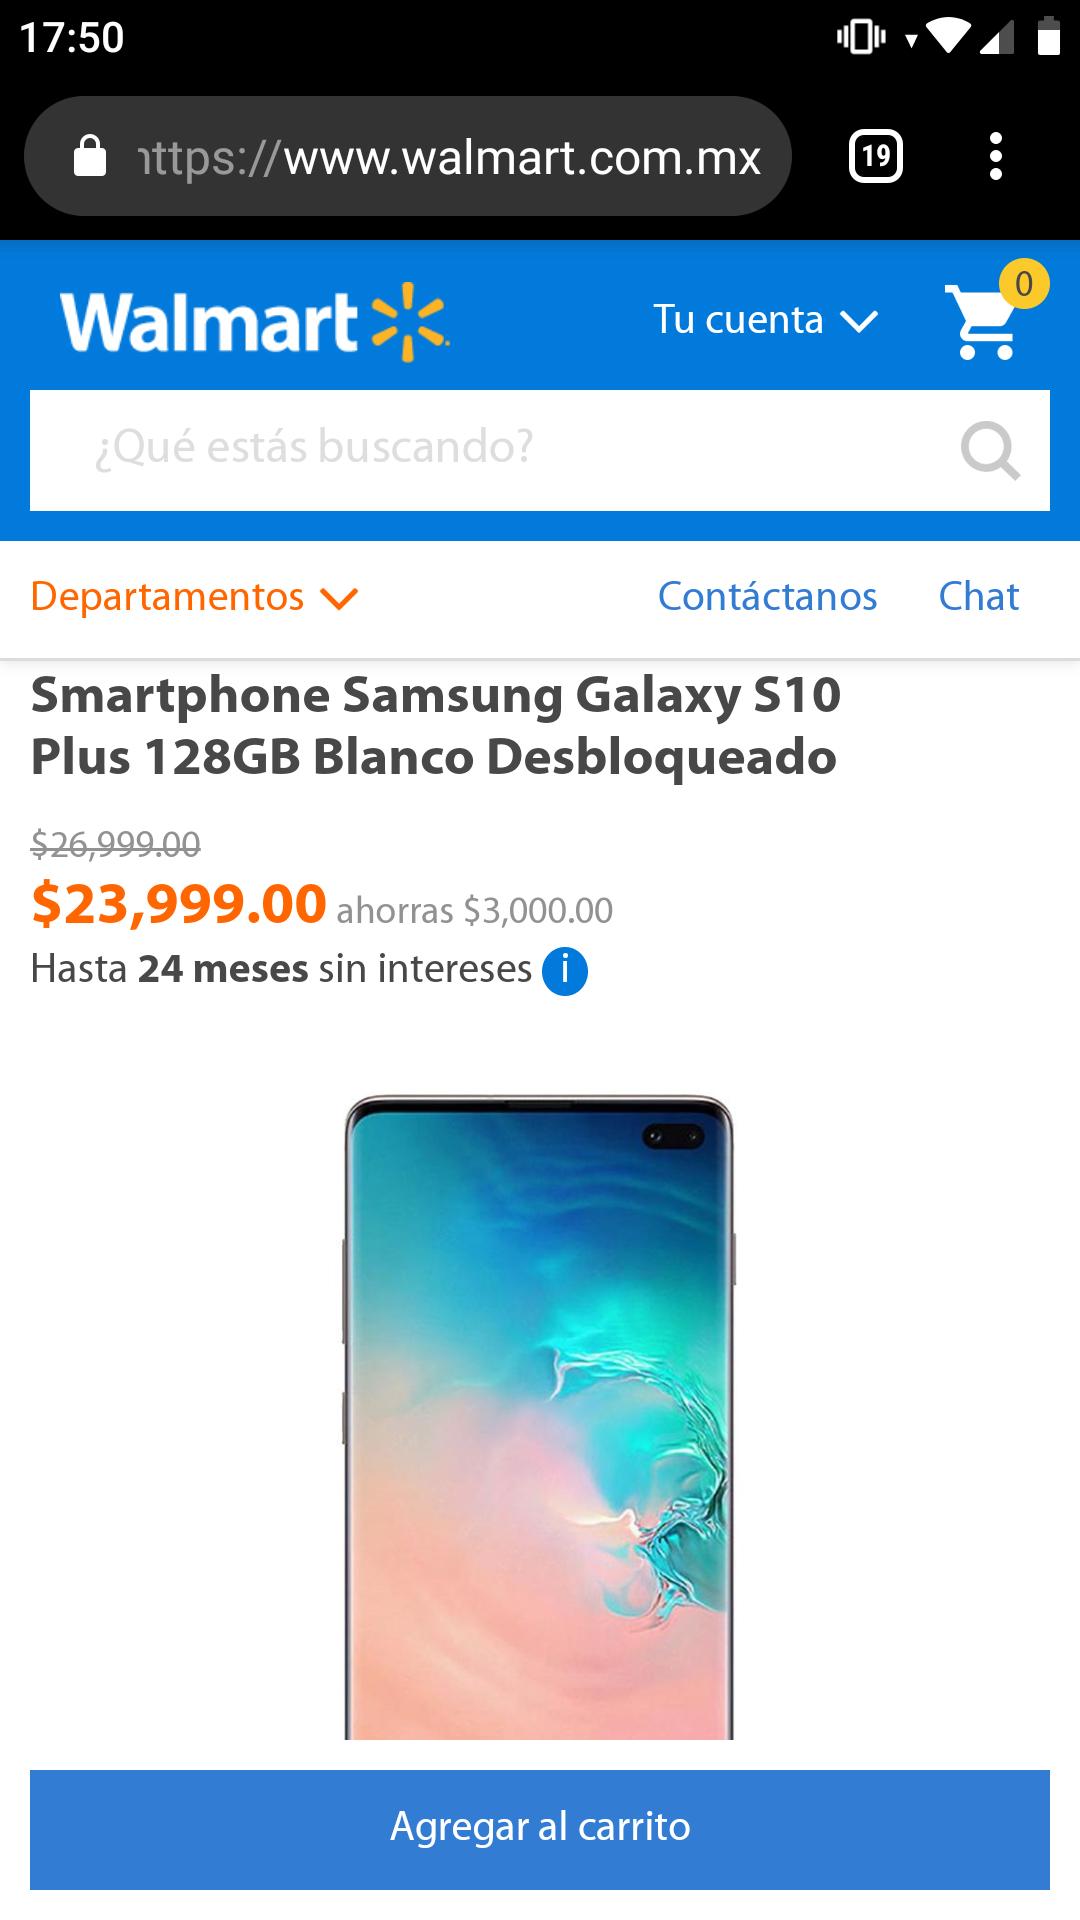 Walmart en linea: Samsung Galaxy S10 Plus 128GB Blanco Desbloqueado